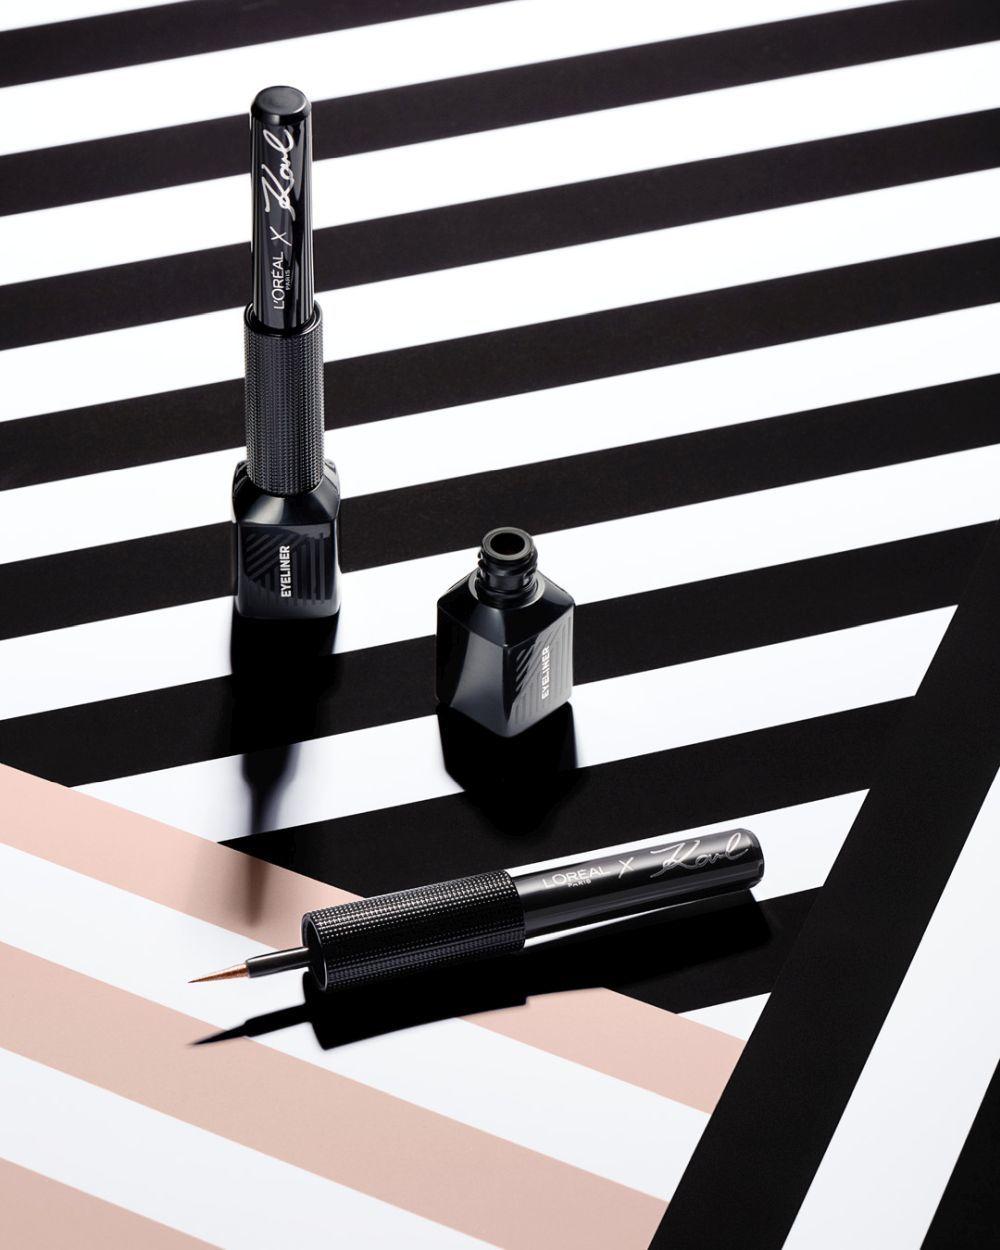 Los eyeliner de la colección de Karl Lagerfeld para L'Oréal Paris.